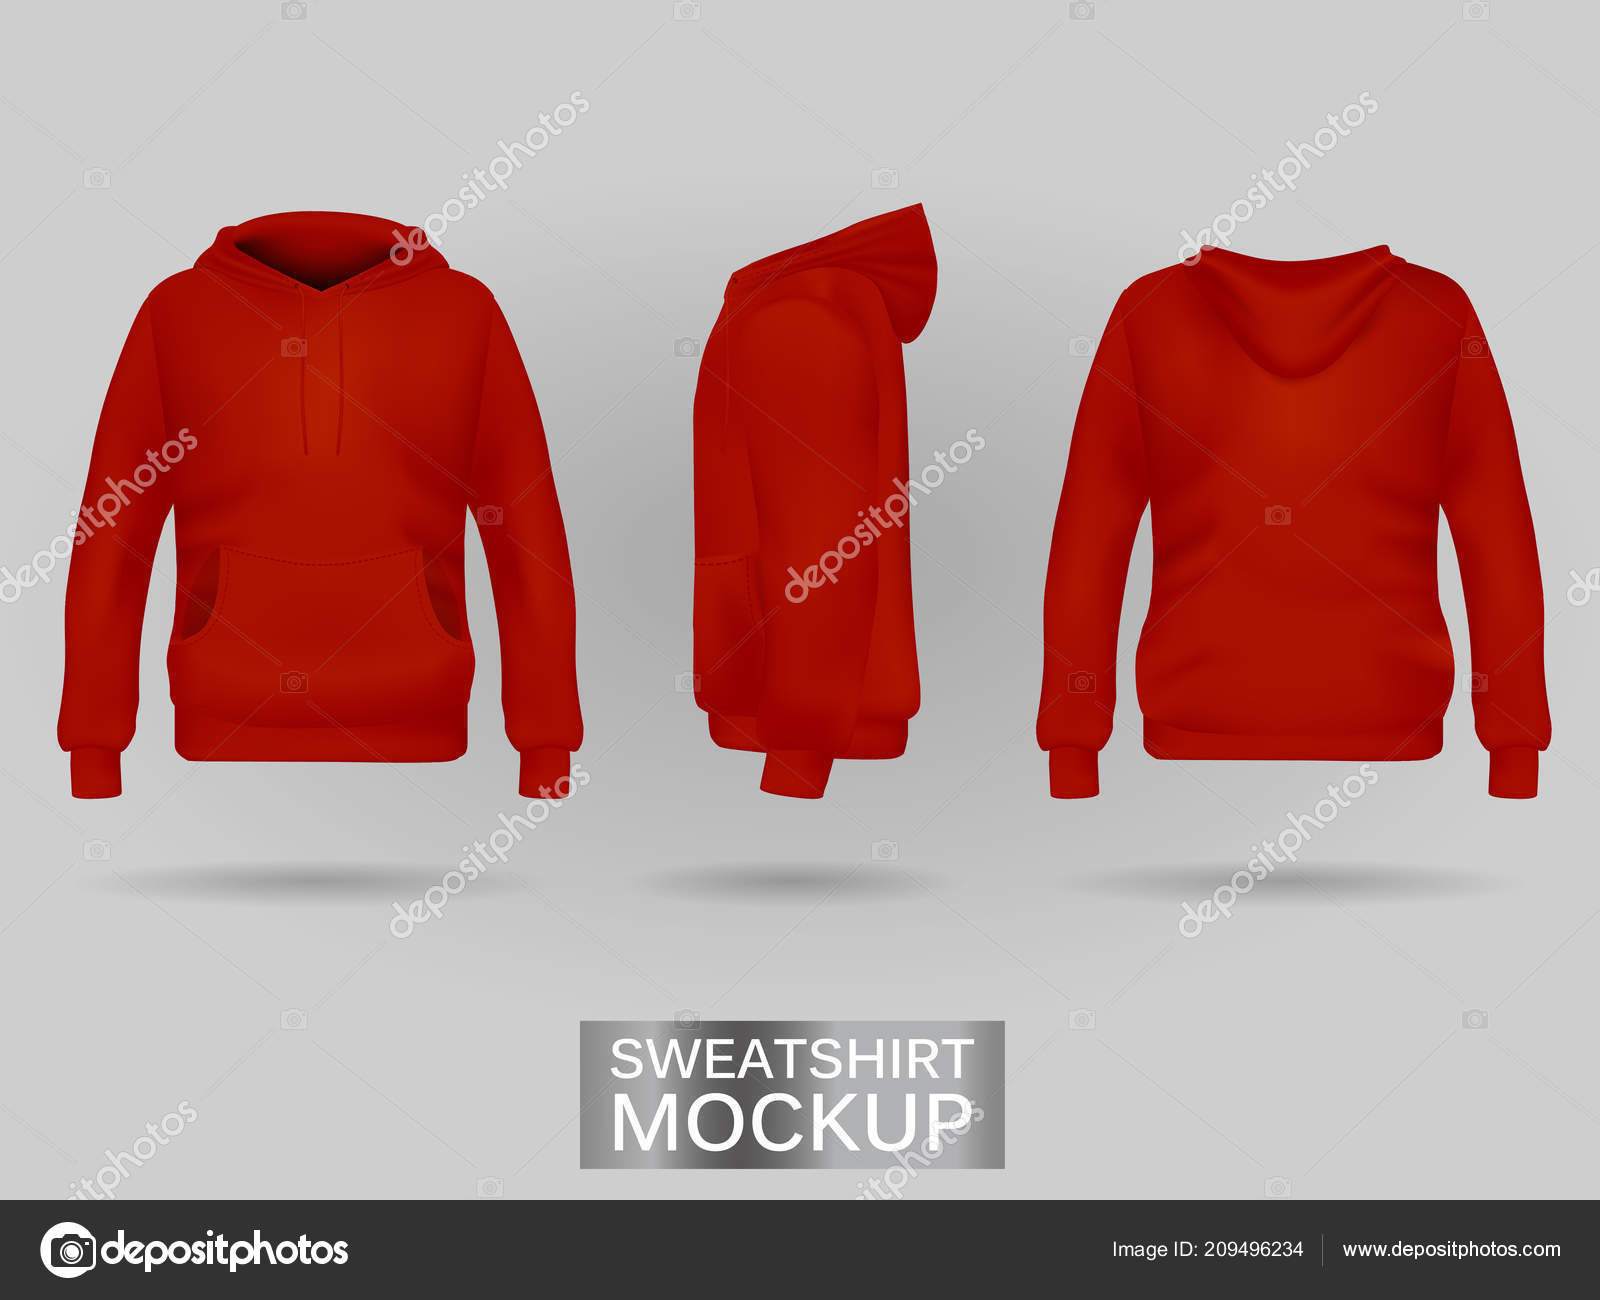 nuovo concetto 916a9 8c5a9 Felpa con cappuccio felpa rossa senza modello zip in tre ...